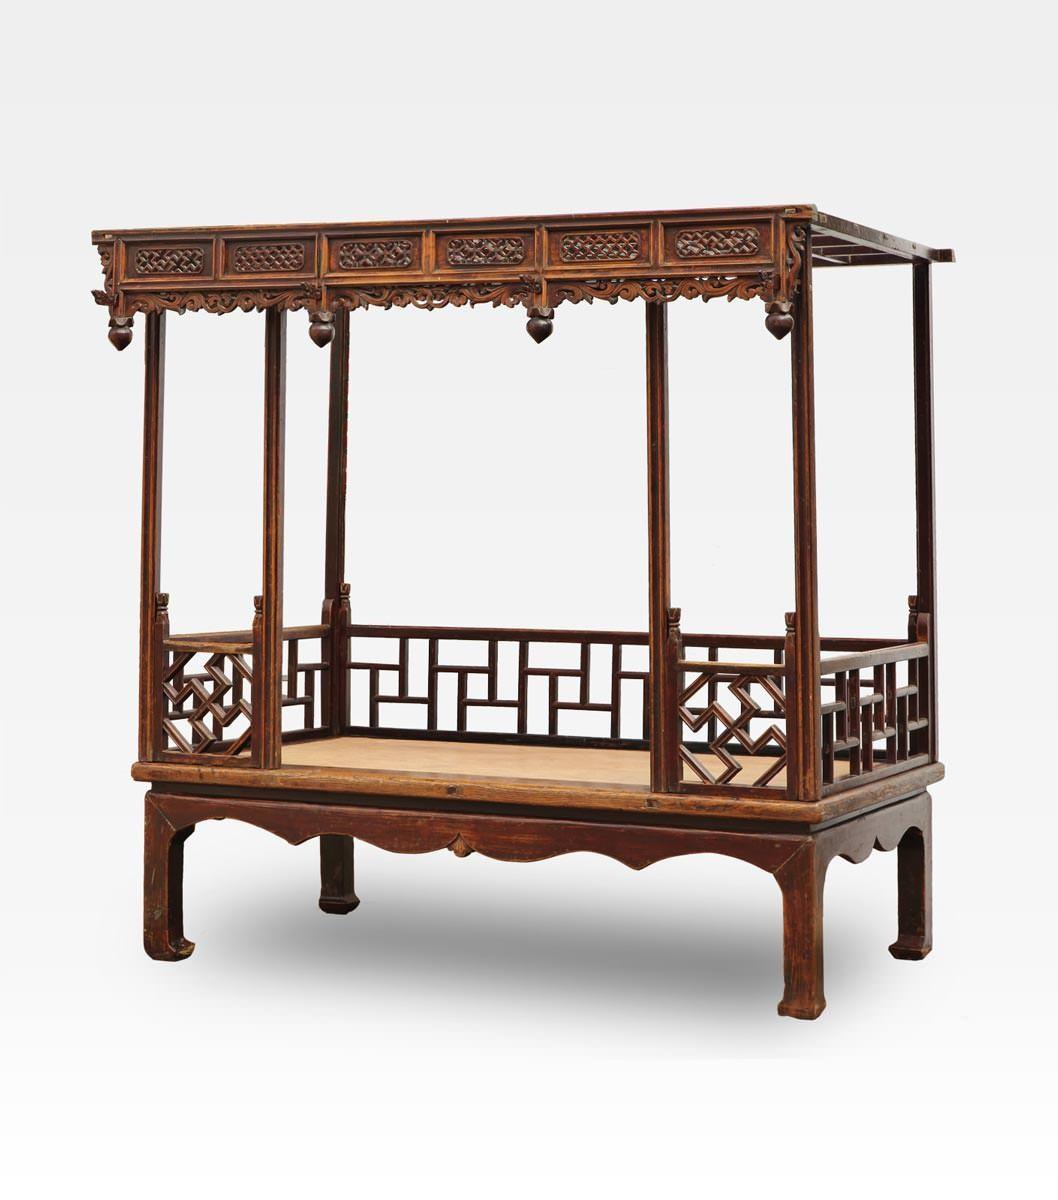 Letto cinese a baldacchino intagliato legno di olmo - Letto a baldacchino in legno ...